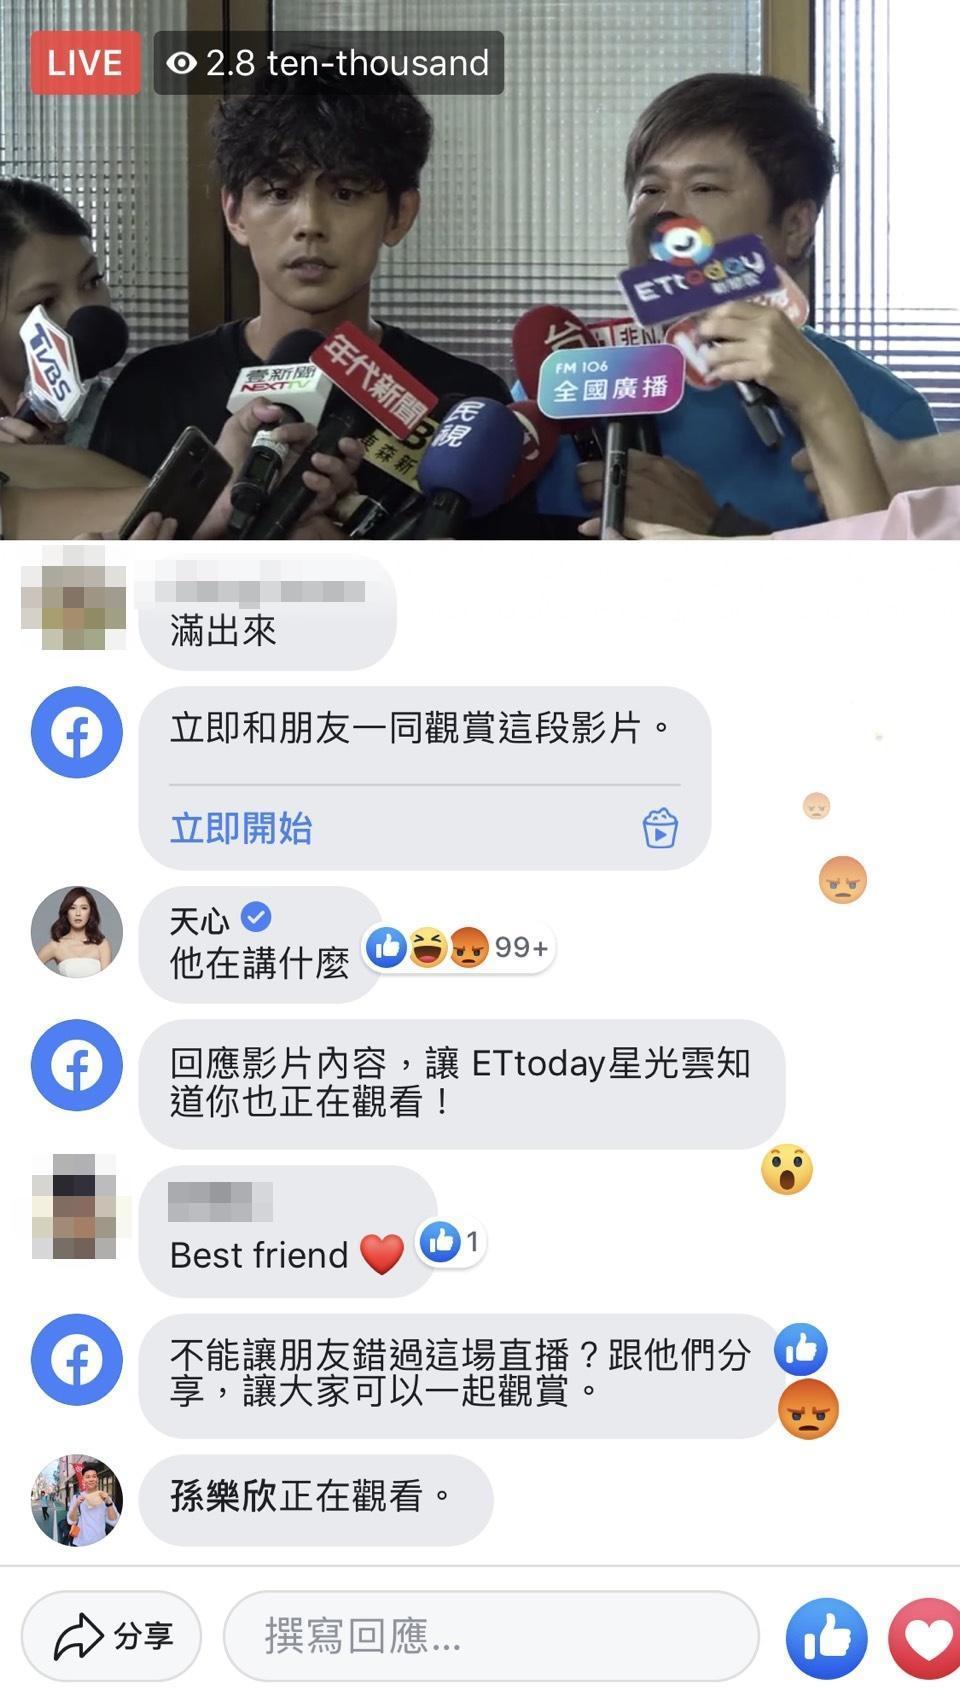 藝人天心也在阿翔道歉直播留言:「他在講什麼」。(翻攝臉書)